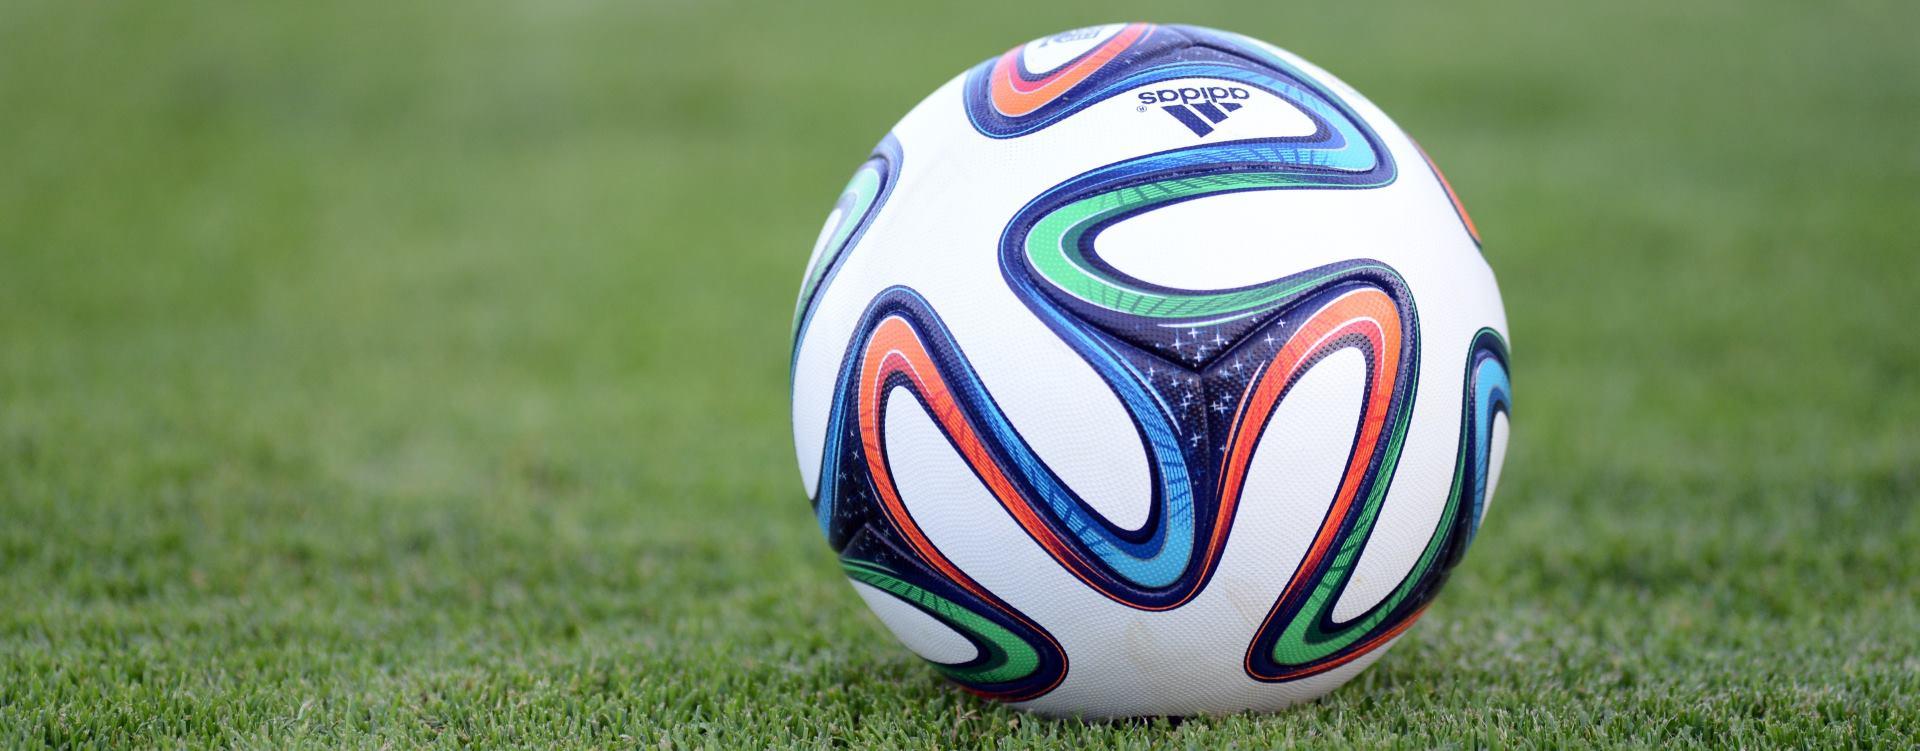 VIDEO: Nogometaški Guinness World Record postavljen u Poljskoj